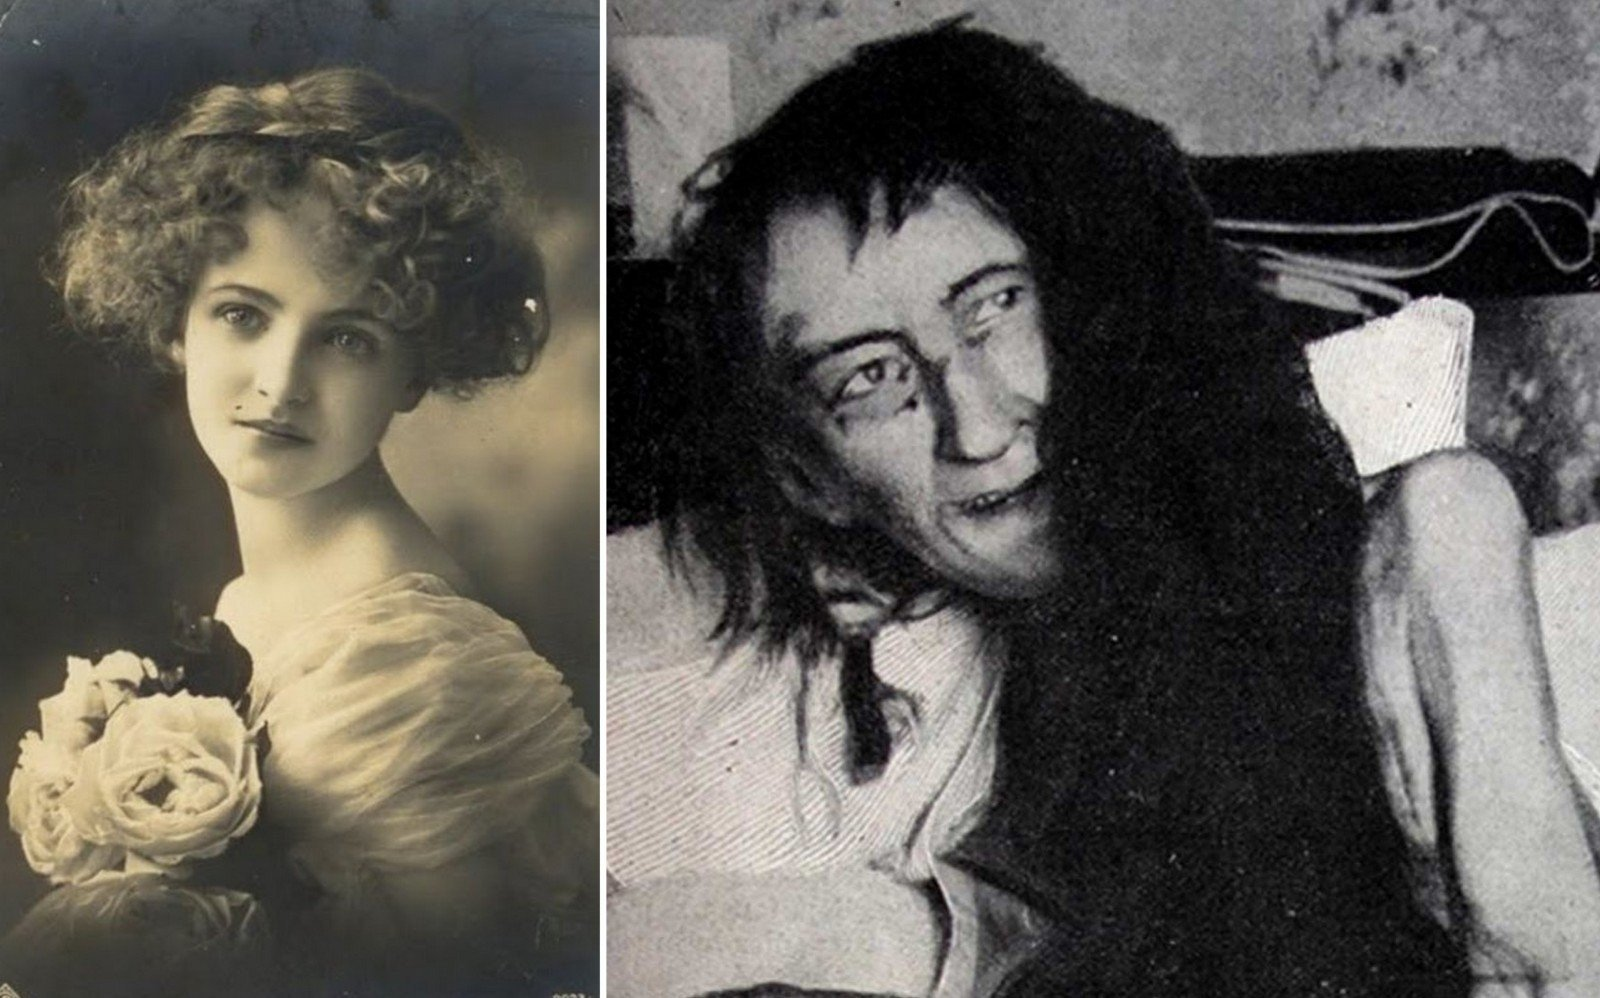 سرگذشت دردناک بلانش مونیه که ۲۵ سال به خاطر عشق در خانه محبوس شد